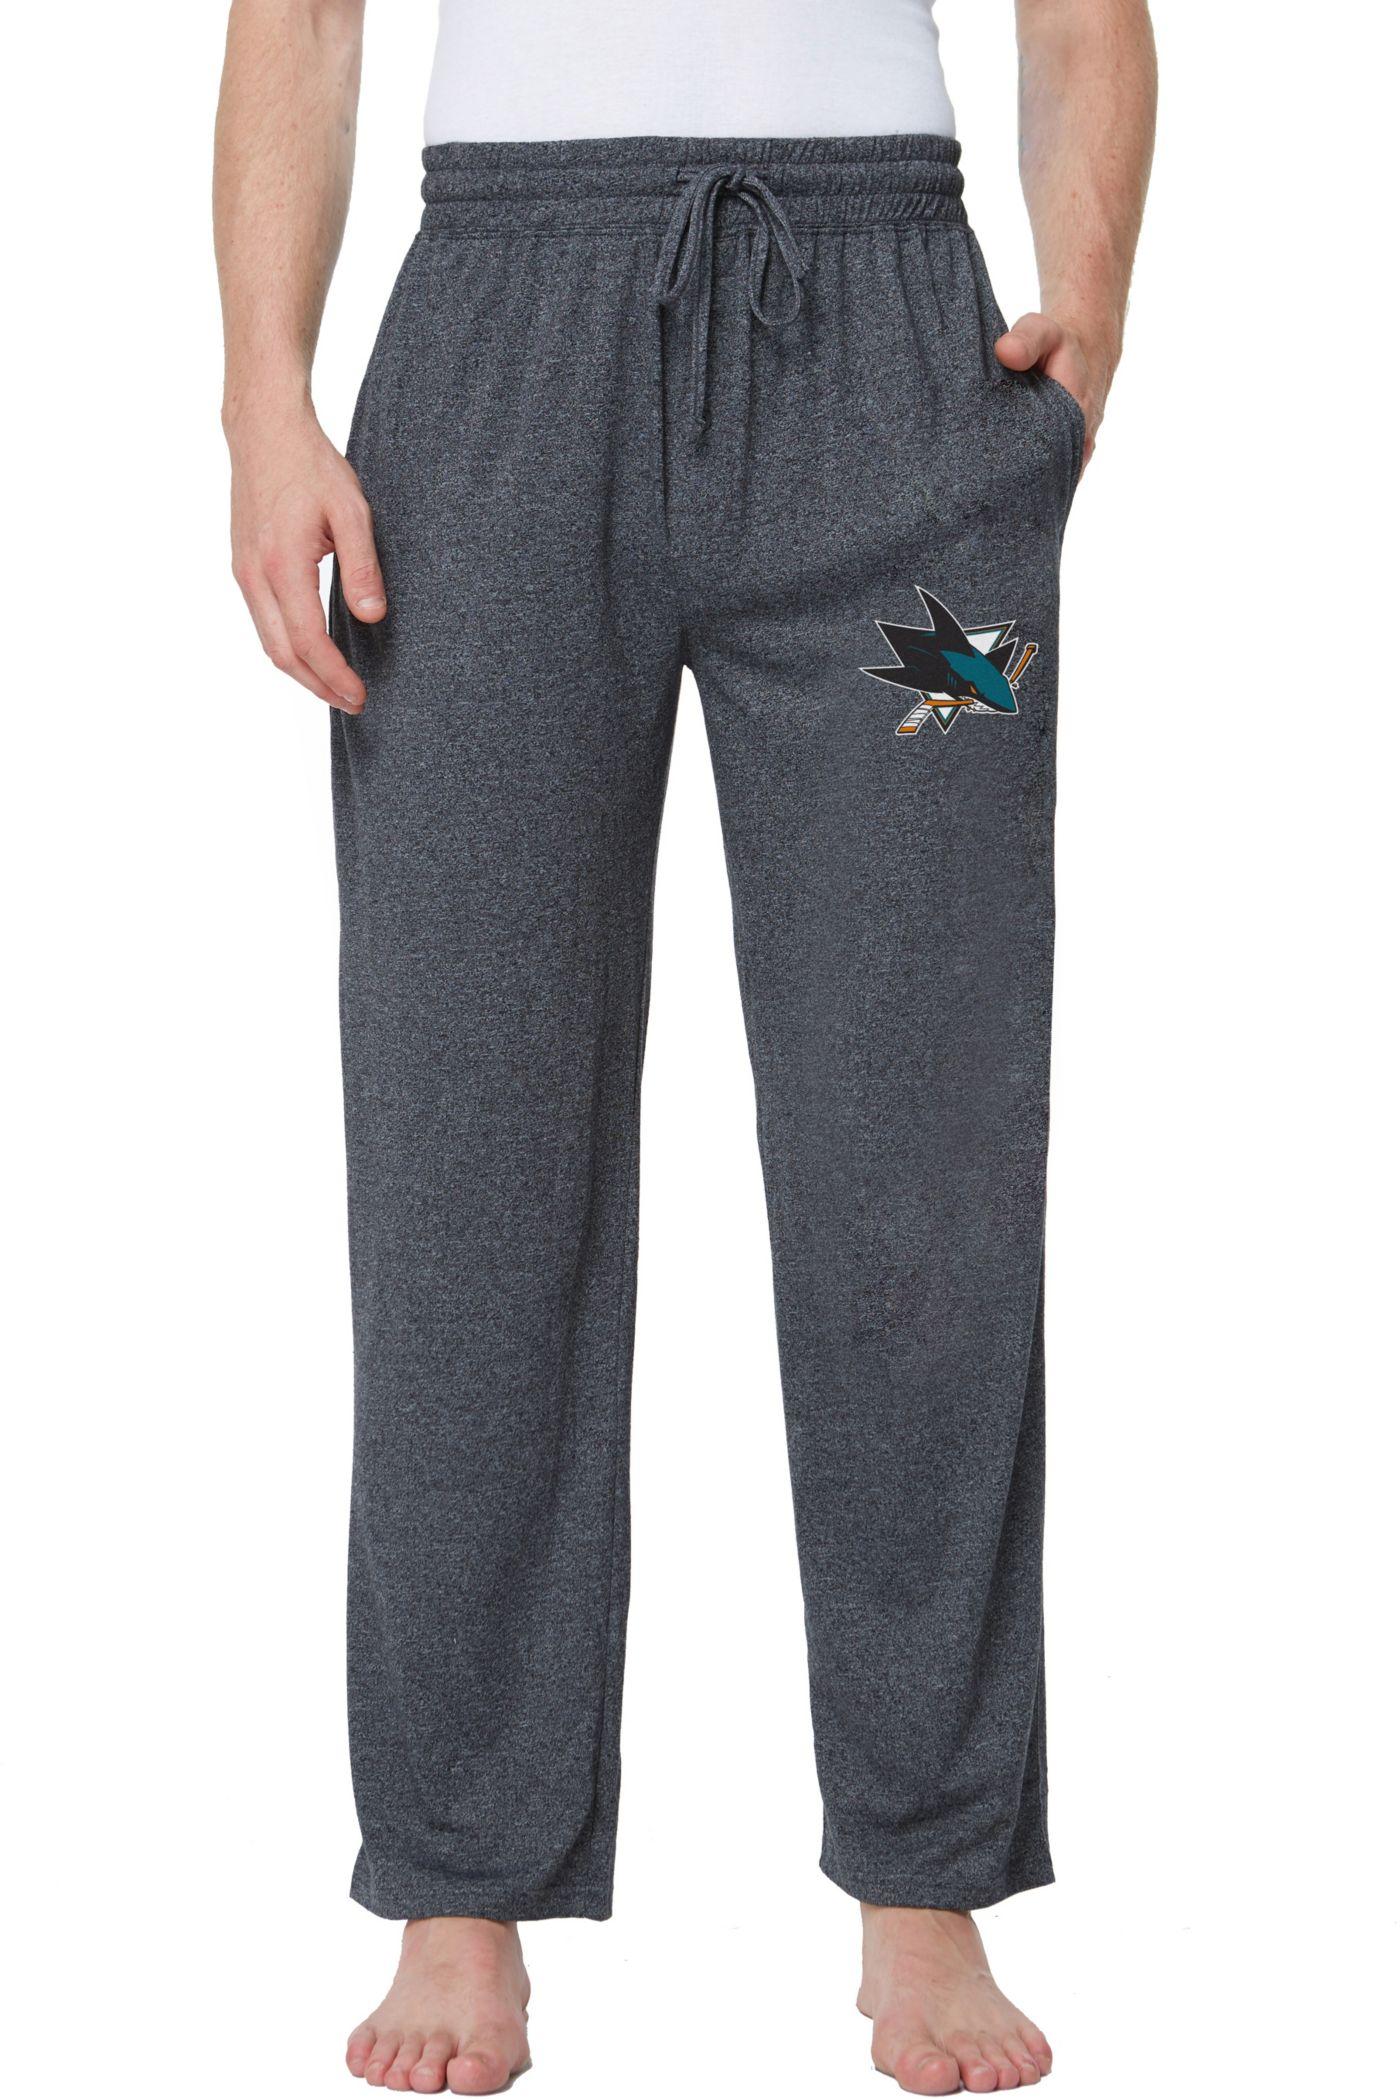 Concepts Sport Men's San Jose Sharks Quest  Knit Pants